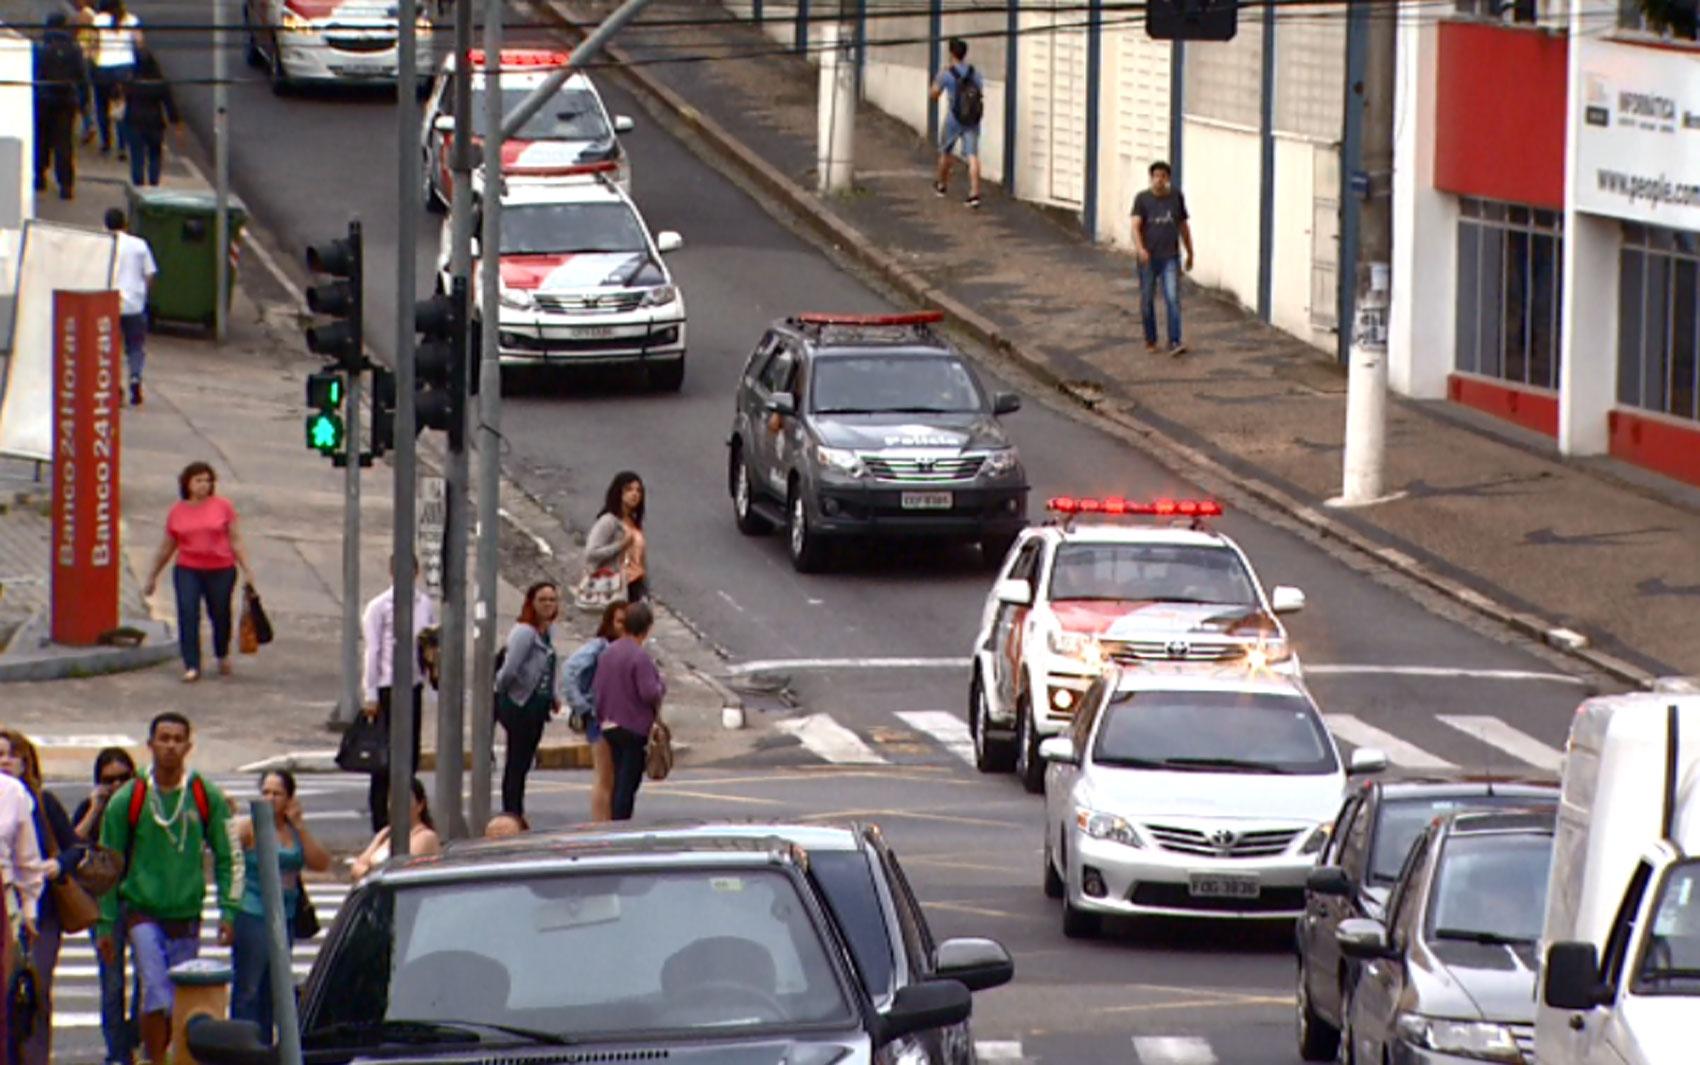 Unidades da Polícia Militar chegam à Prefeitura de Campinas